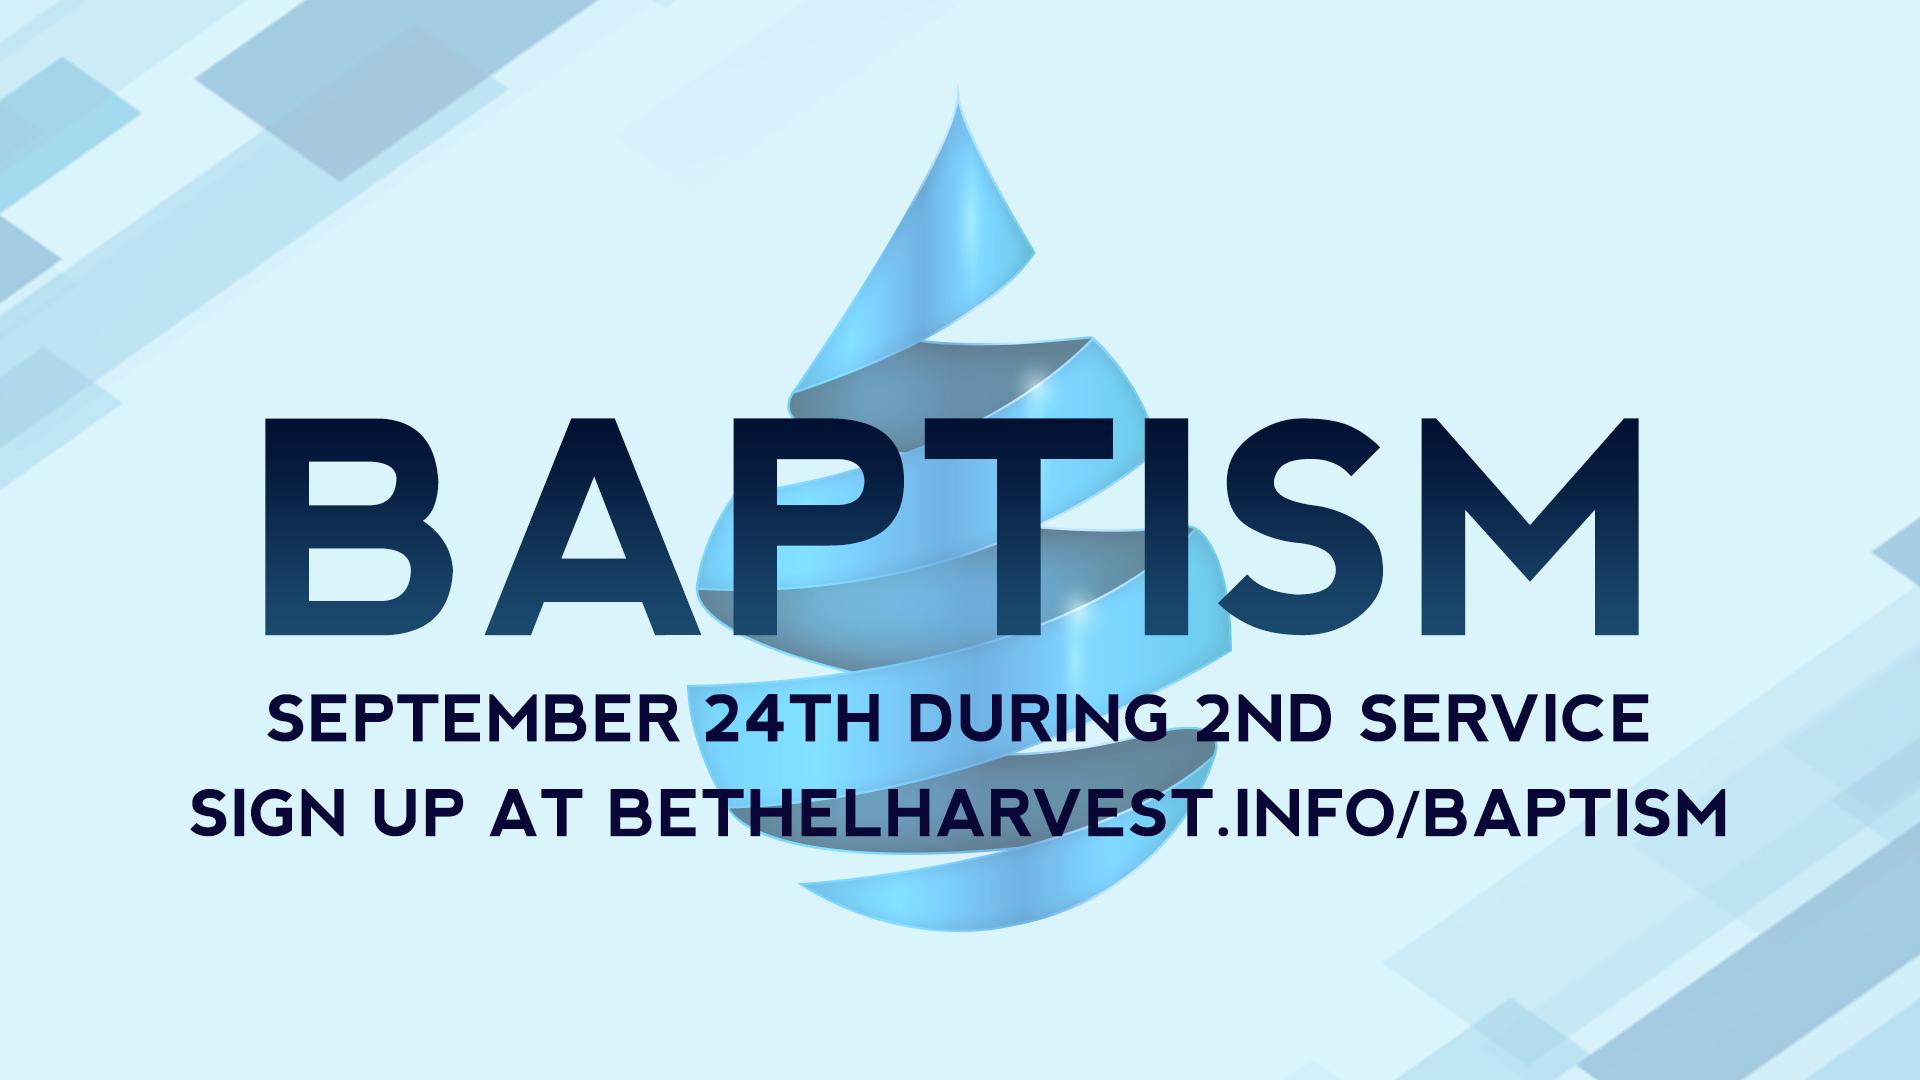 Baptism online sign up